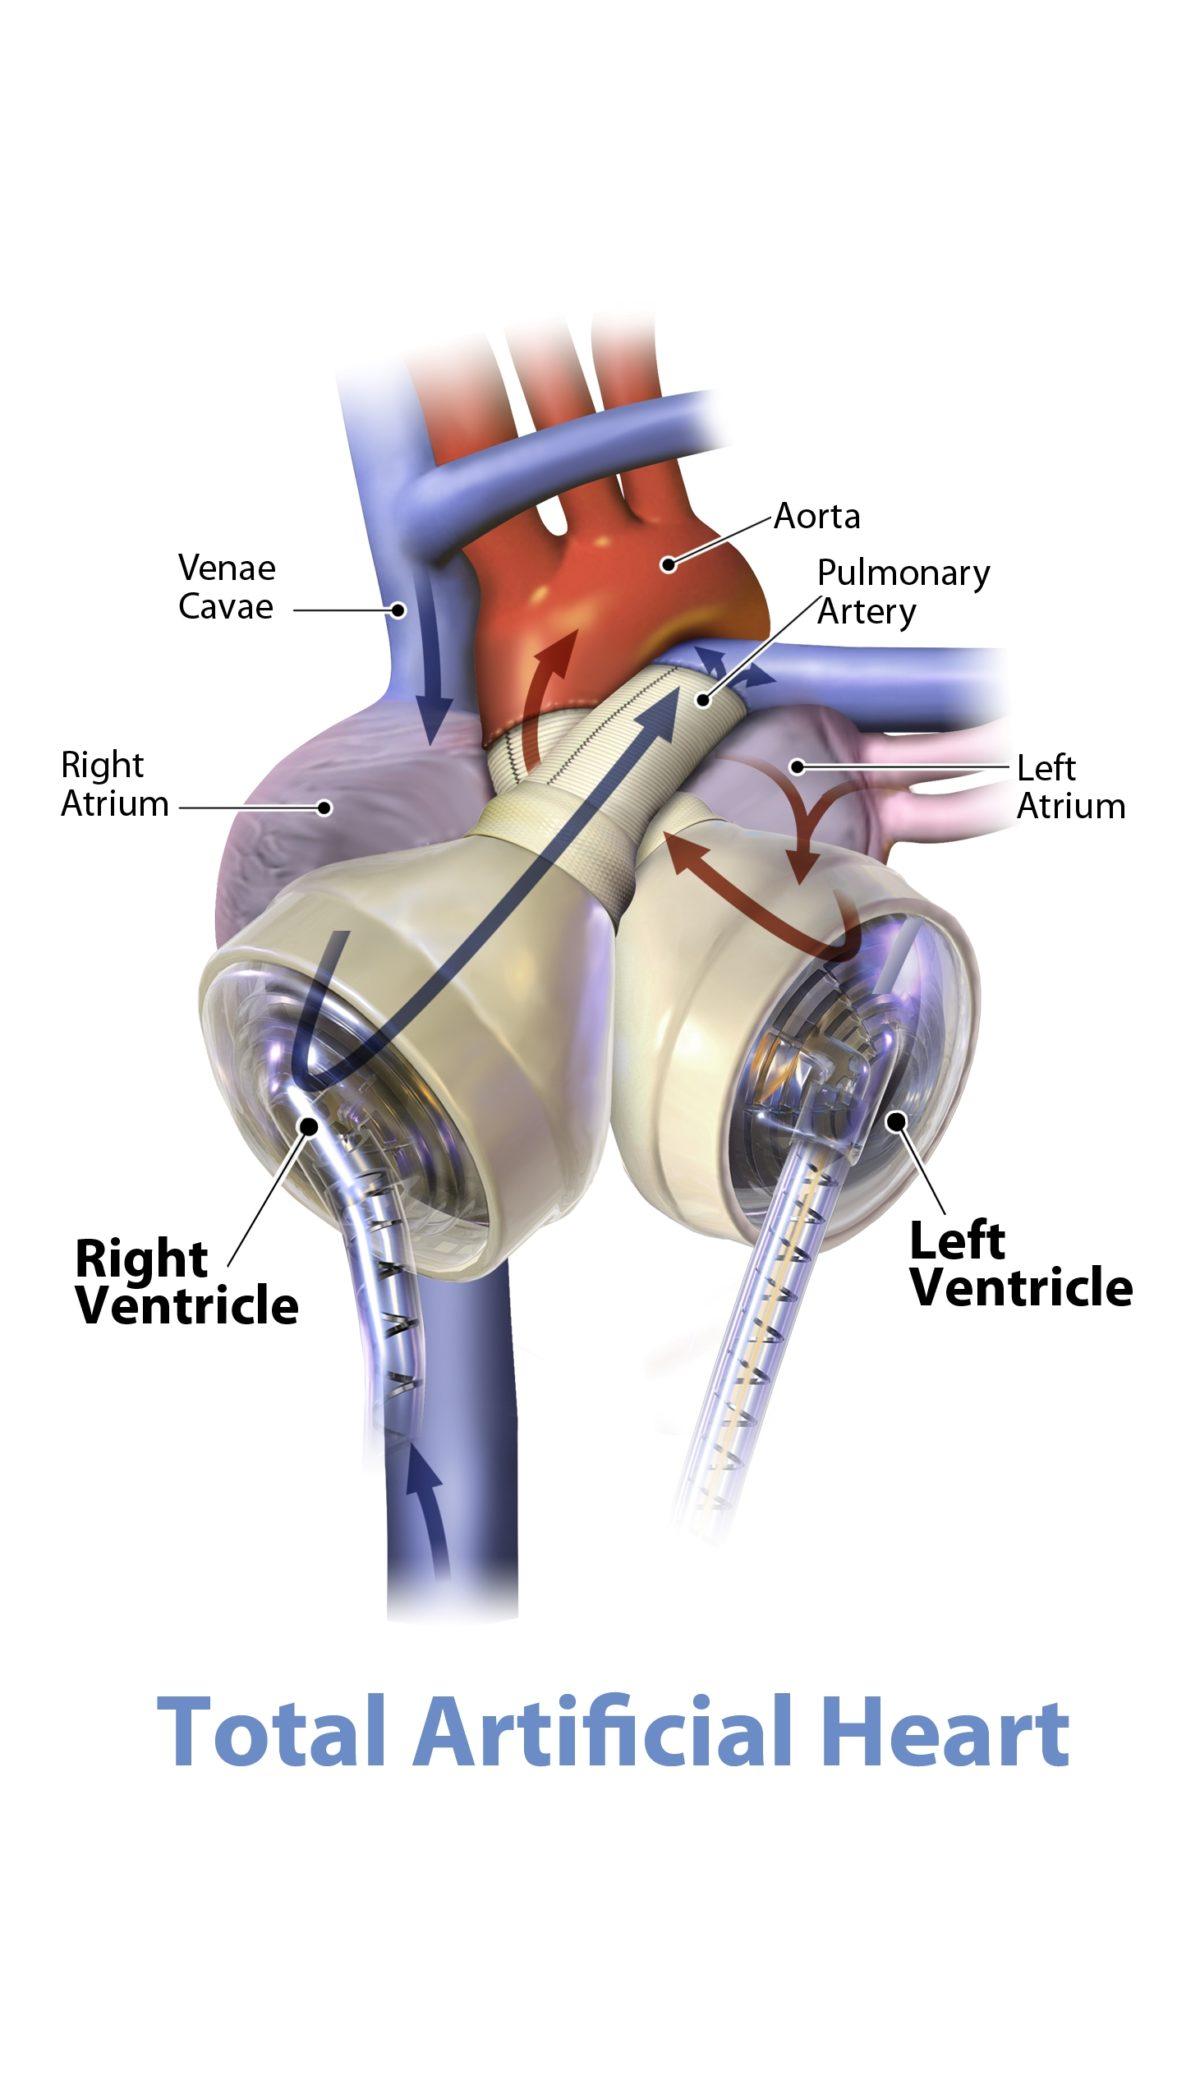 Un cuore artificiale totale